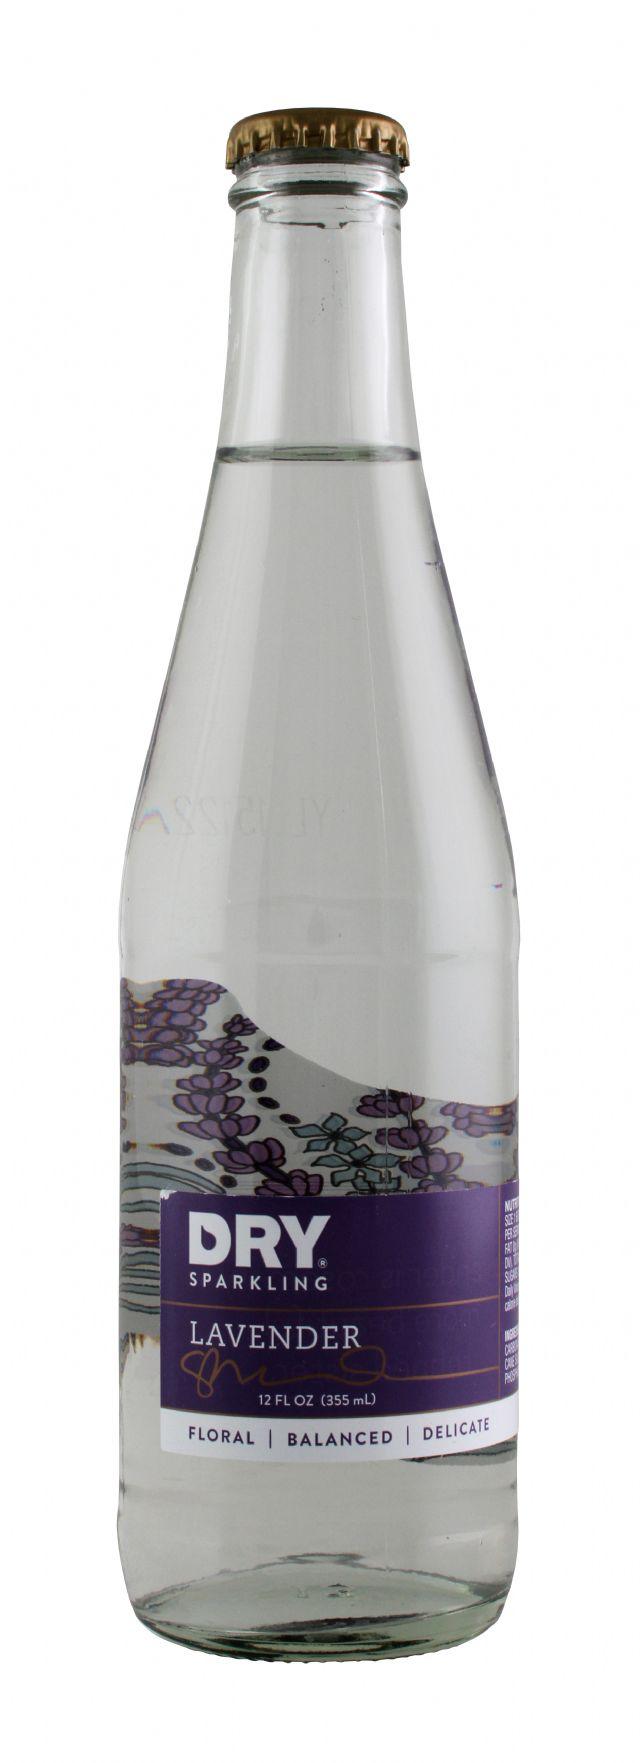 DRY Sparkling: DrySpark Lavender Front